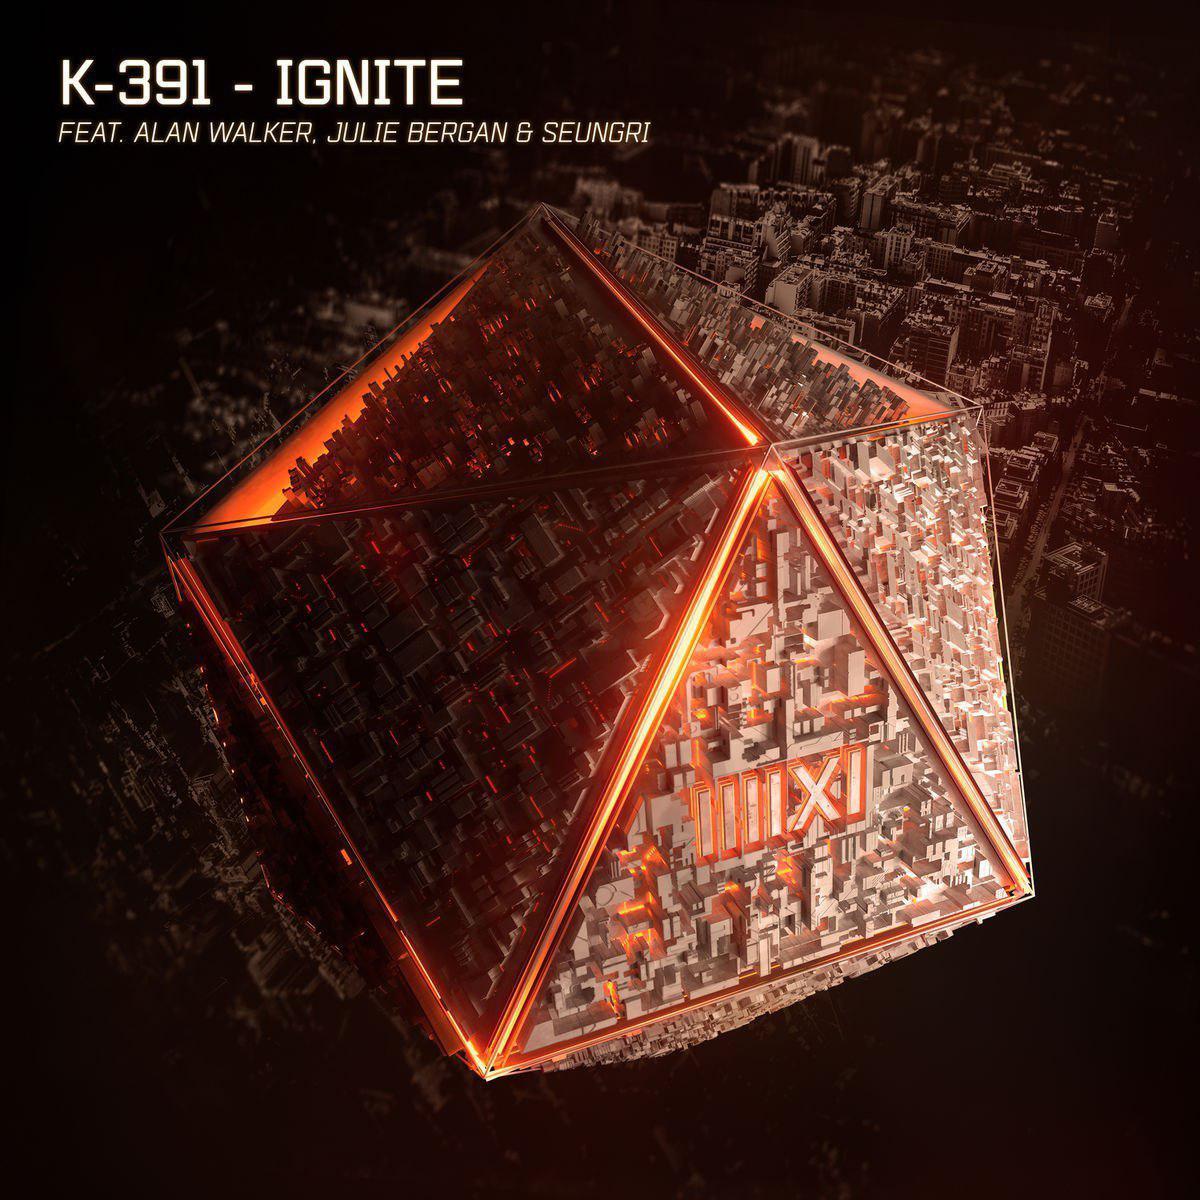 K-391 feat. Alan Walker, Julie Bergan & SEUNGRI - Ignite (Extended Mix)